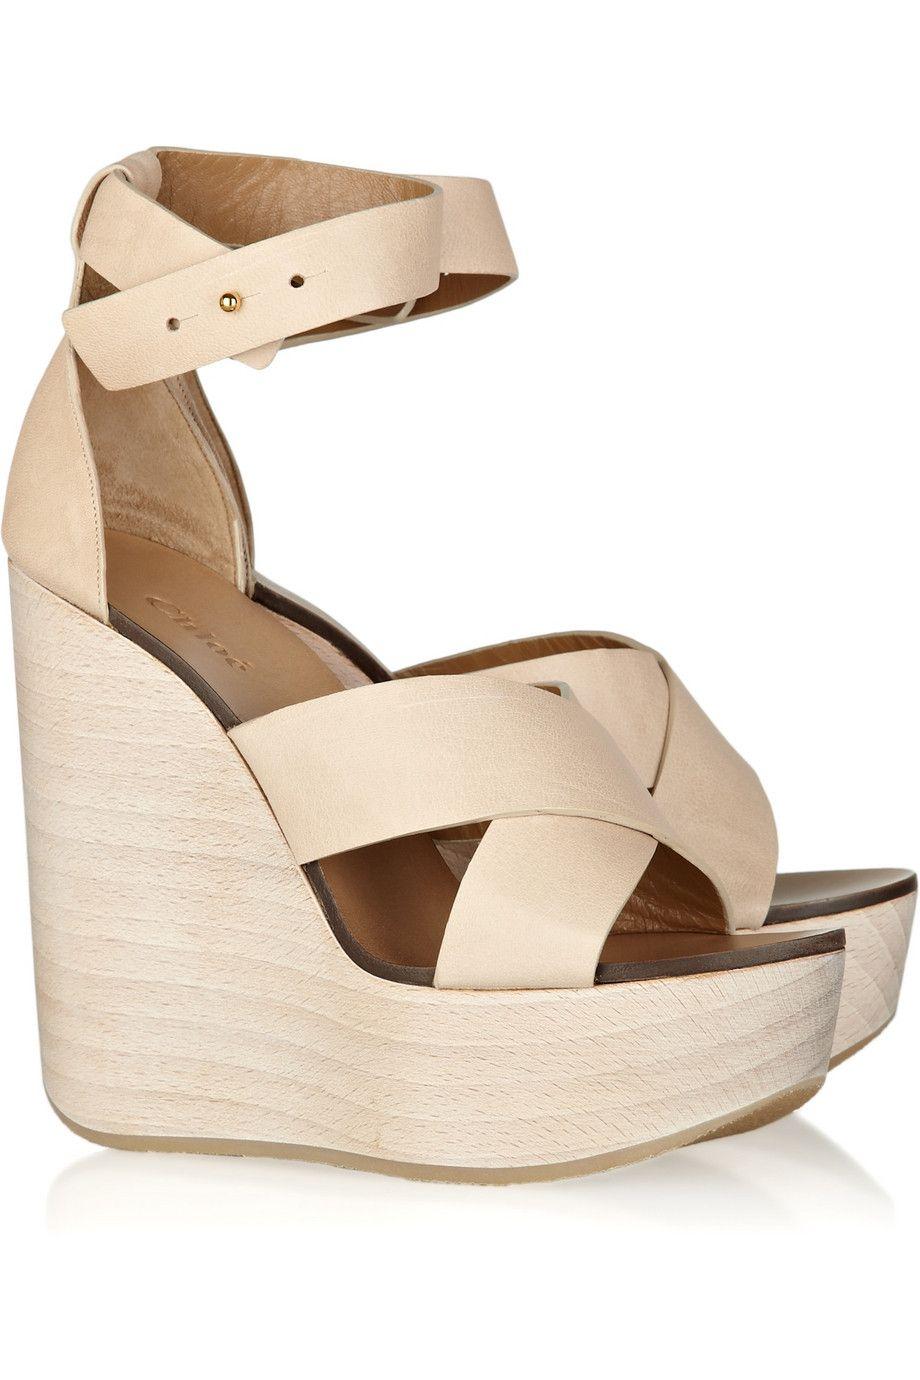 c5c1478bdf Pin de Gabriella Tinucci em Shoes